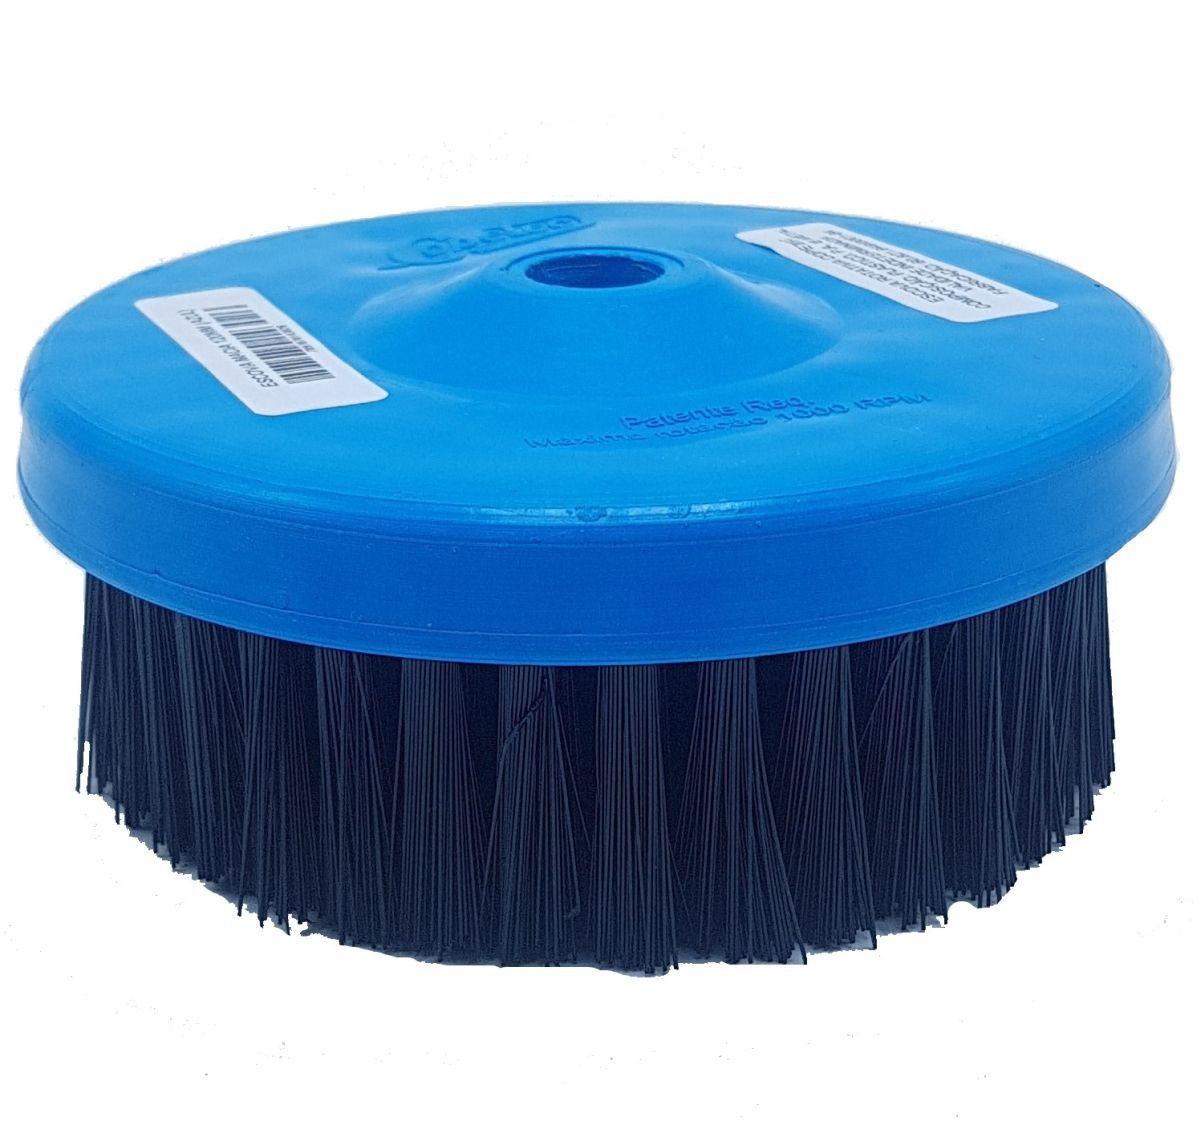 Escova Rotativa Macia Azul 120mm Rosca M14mm Copetec